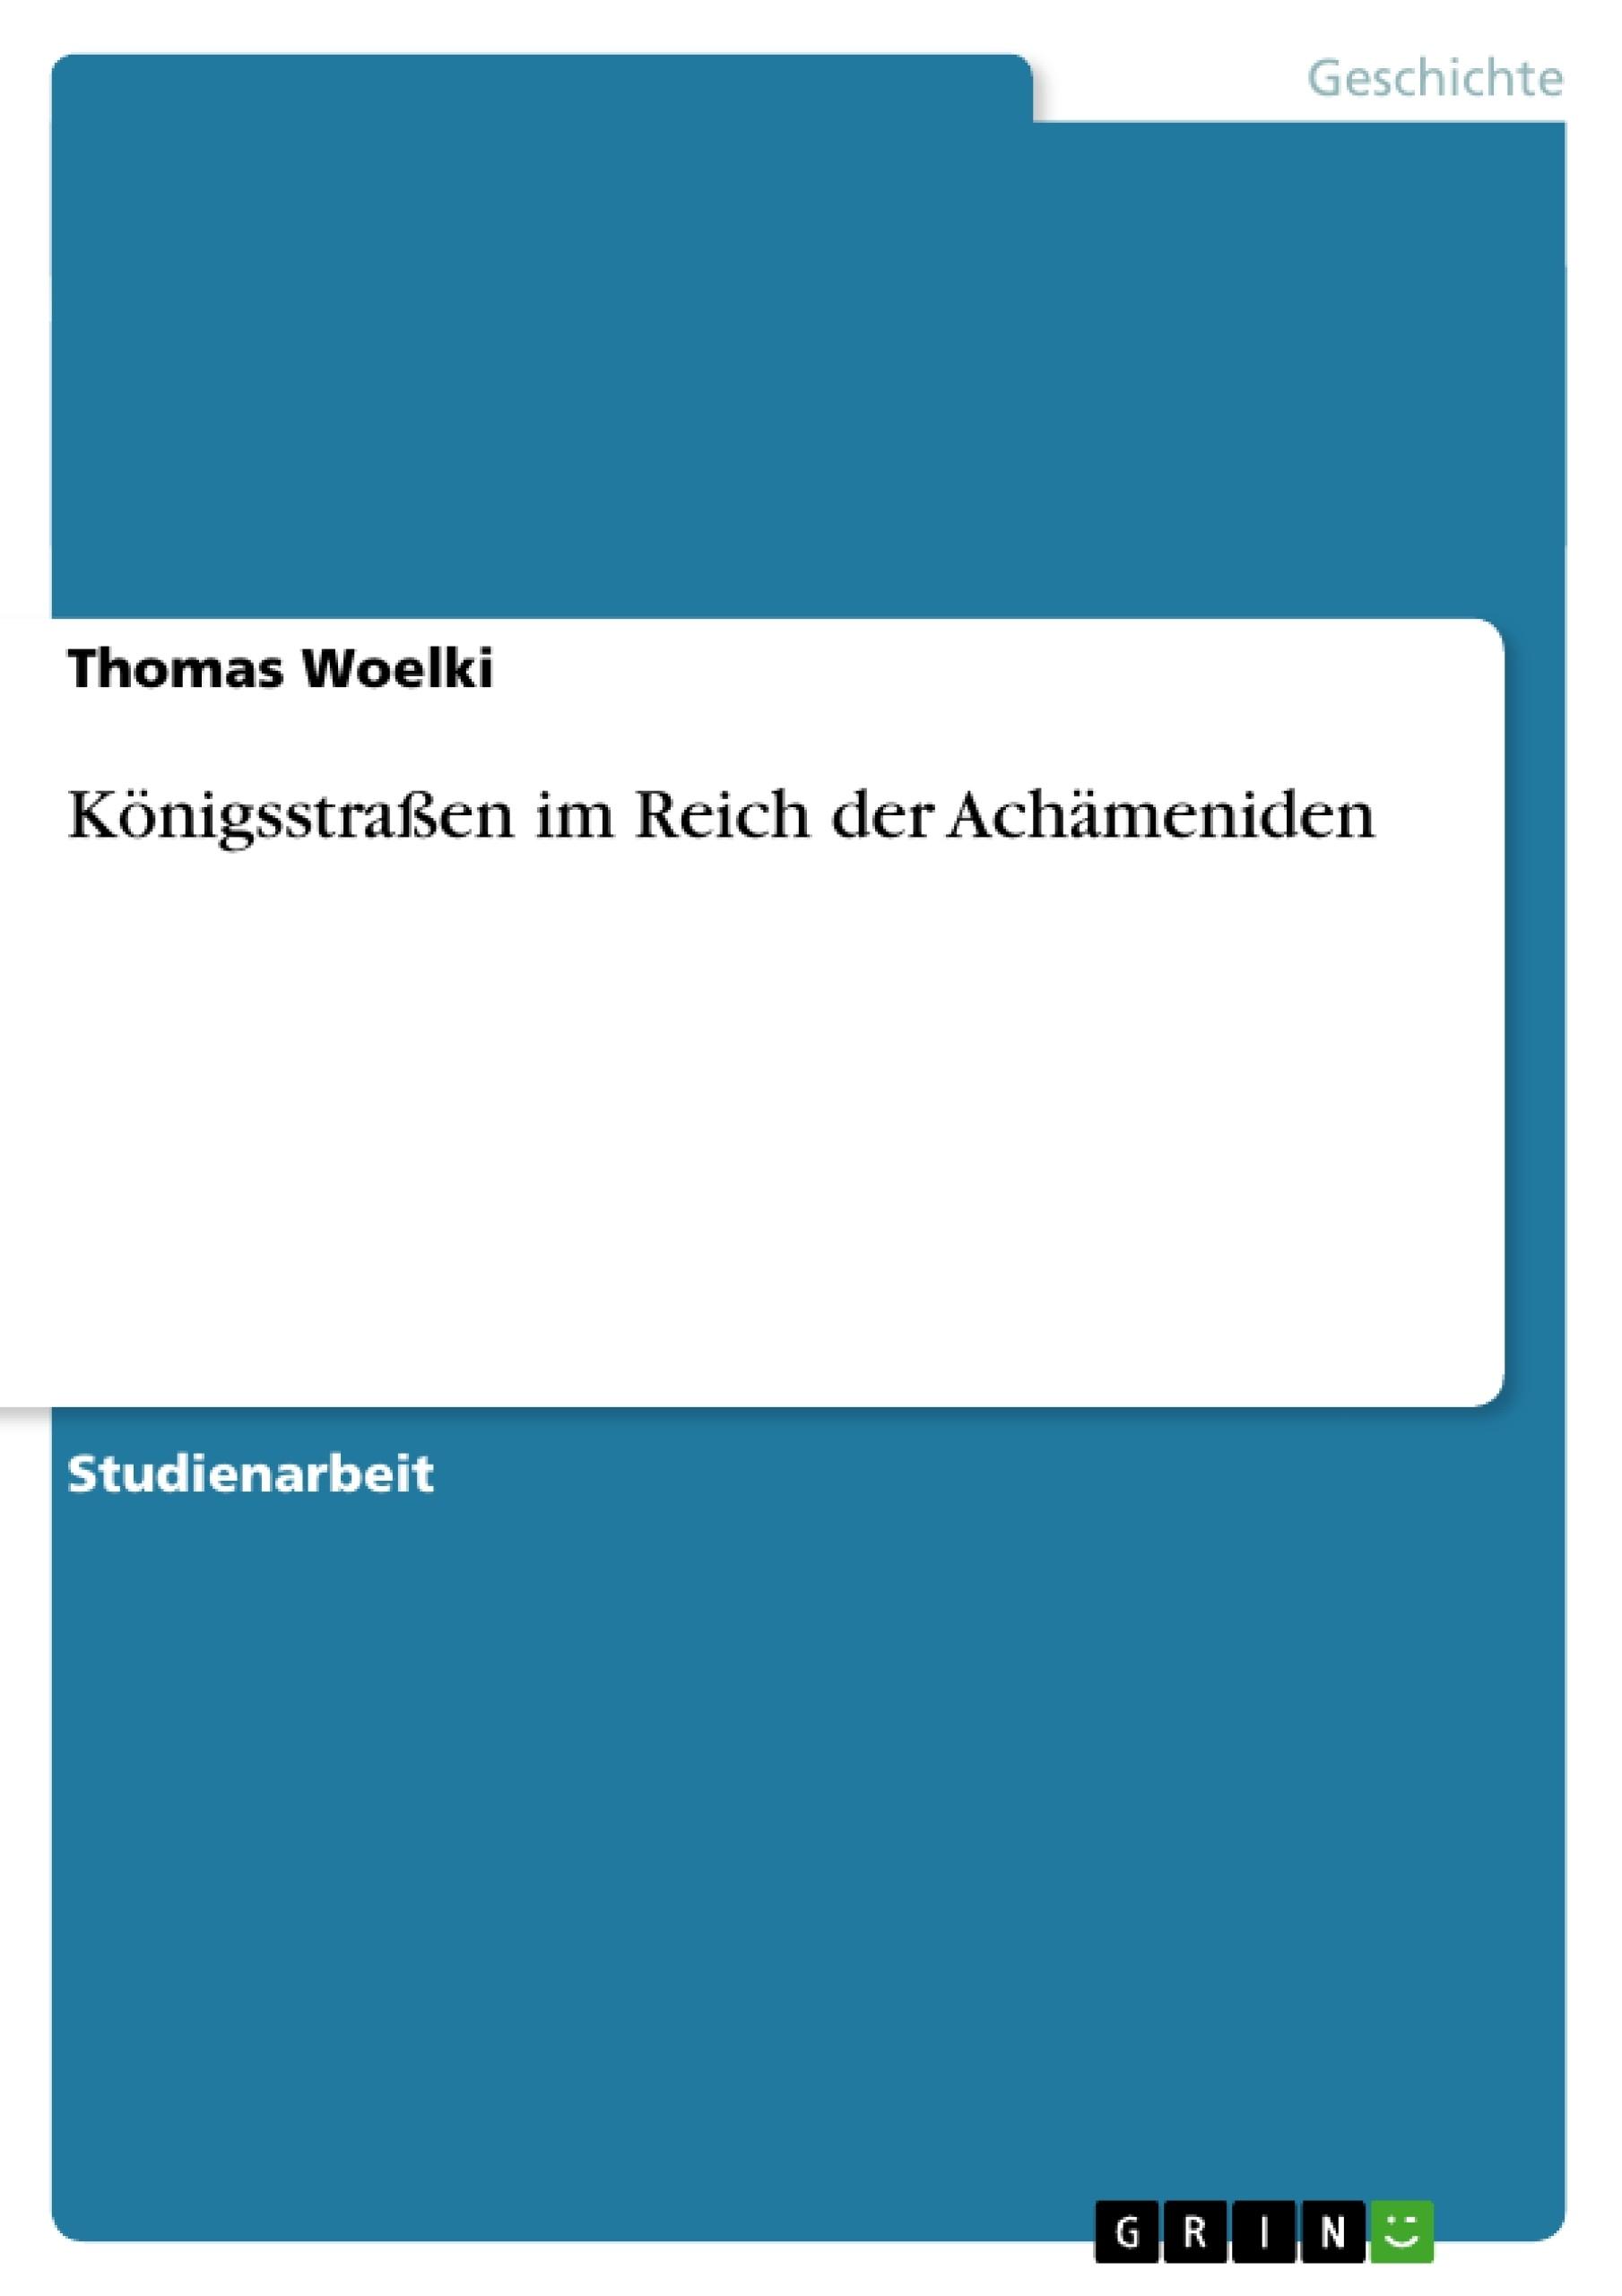 Titel: Königsstraßen im Reich der Achämeniden